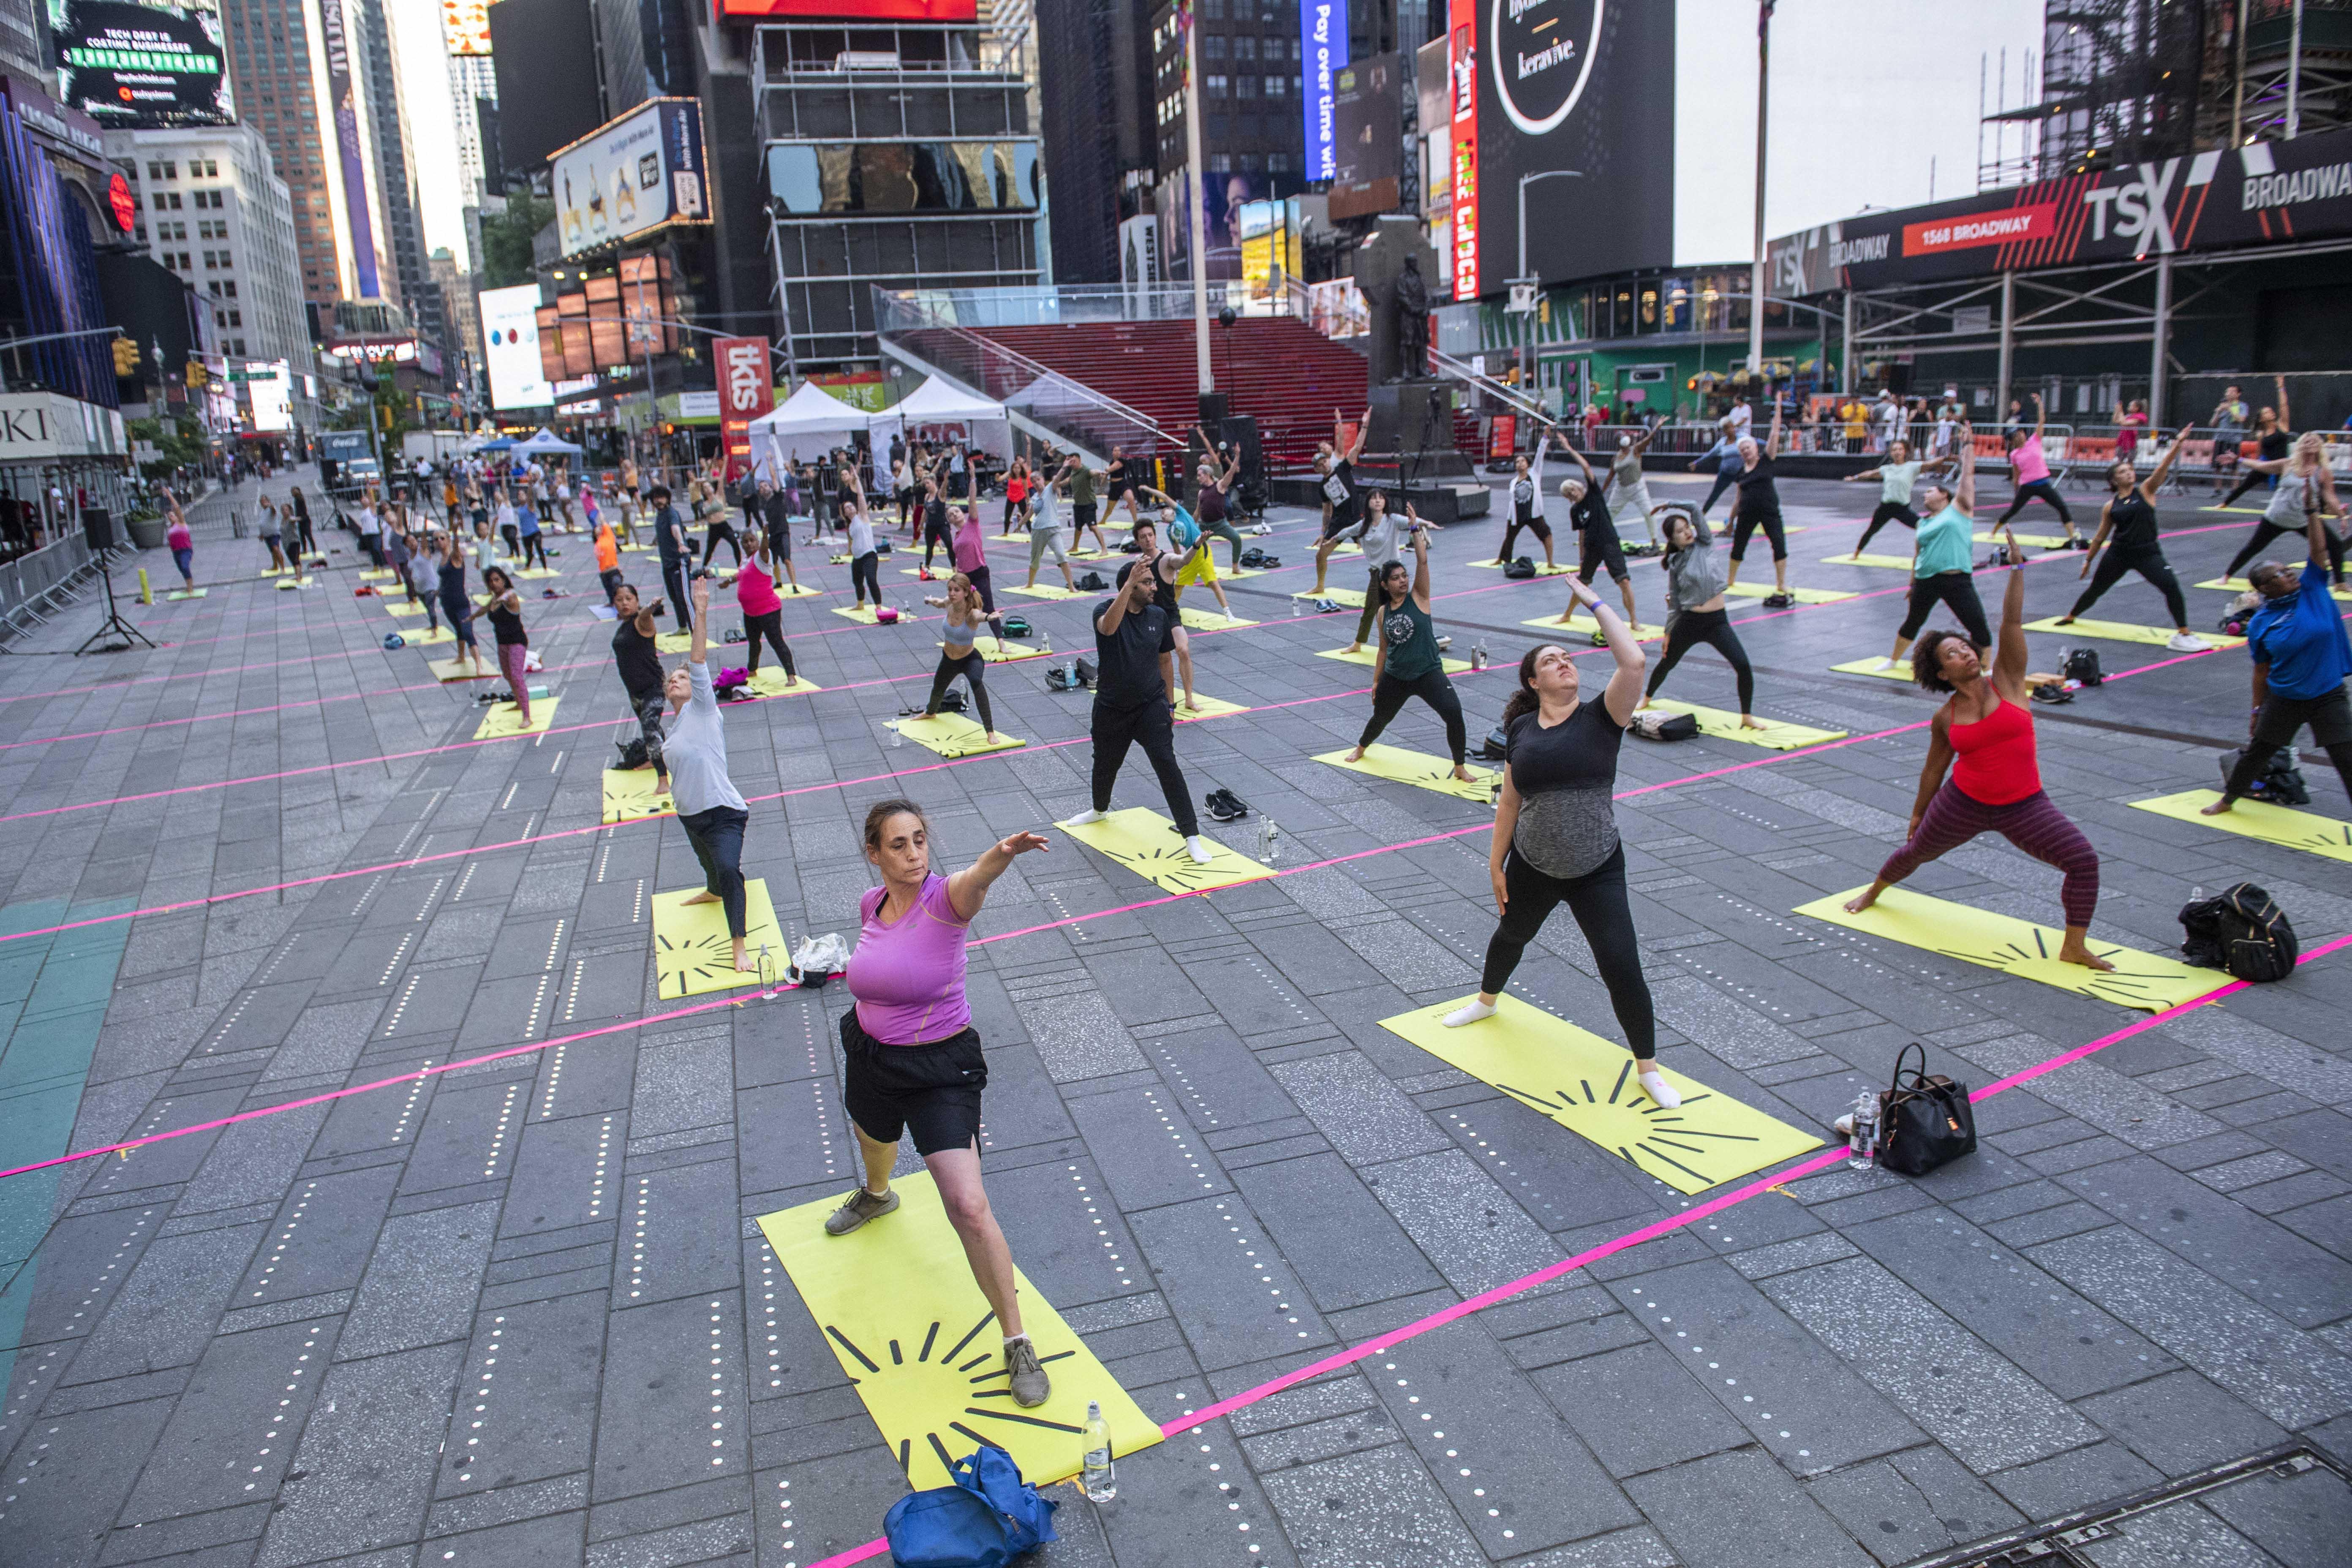 न्यूयॉर्क के मशहूर टाइम्स स्क्वायर पर हर साल होने वाला योग इवेंट किया गया। इसे माइंड ओवर मेडनेस योगा नाम दिया गया है।